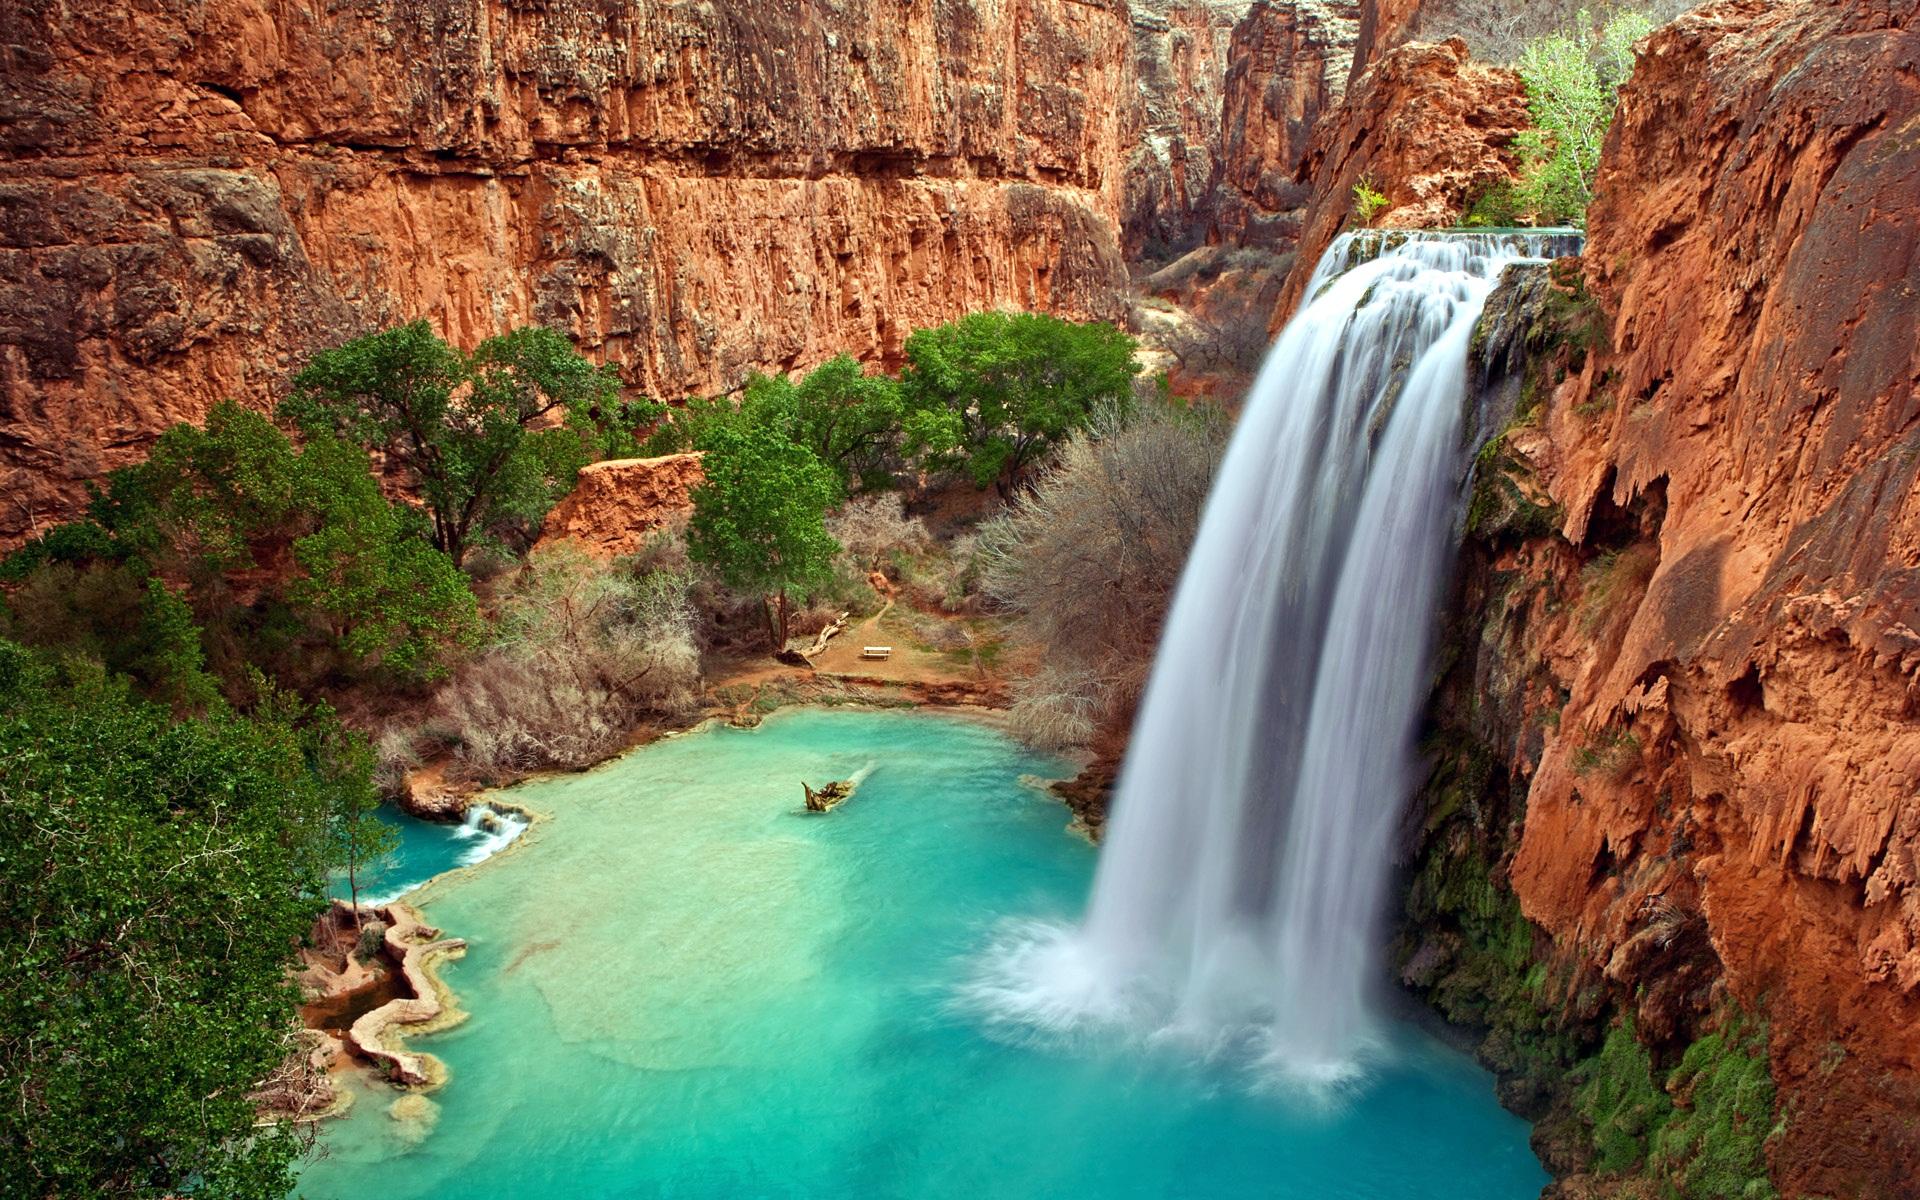 Arizona Waterfalls HD Wallpaper 1920x1200